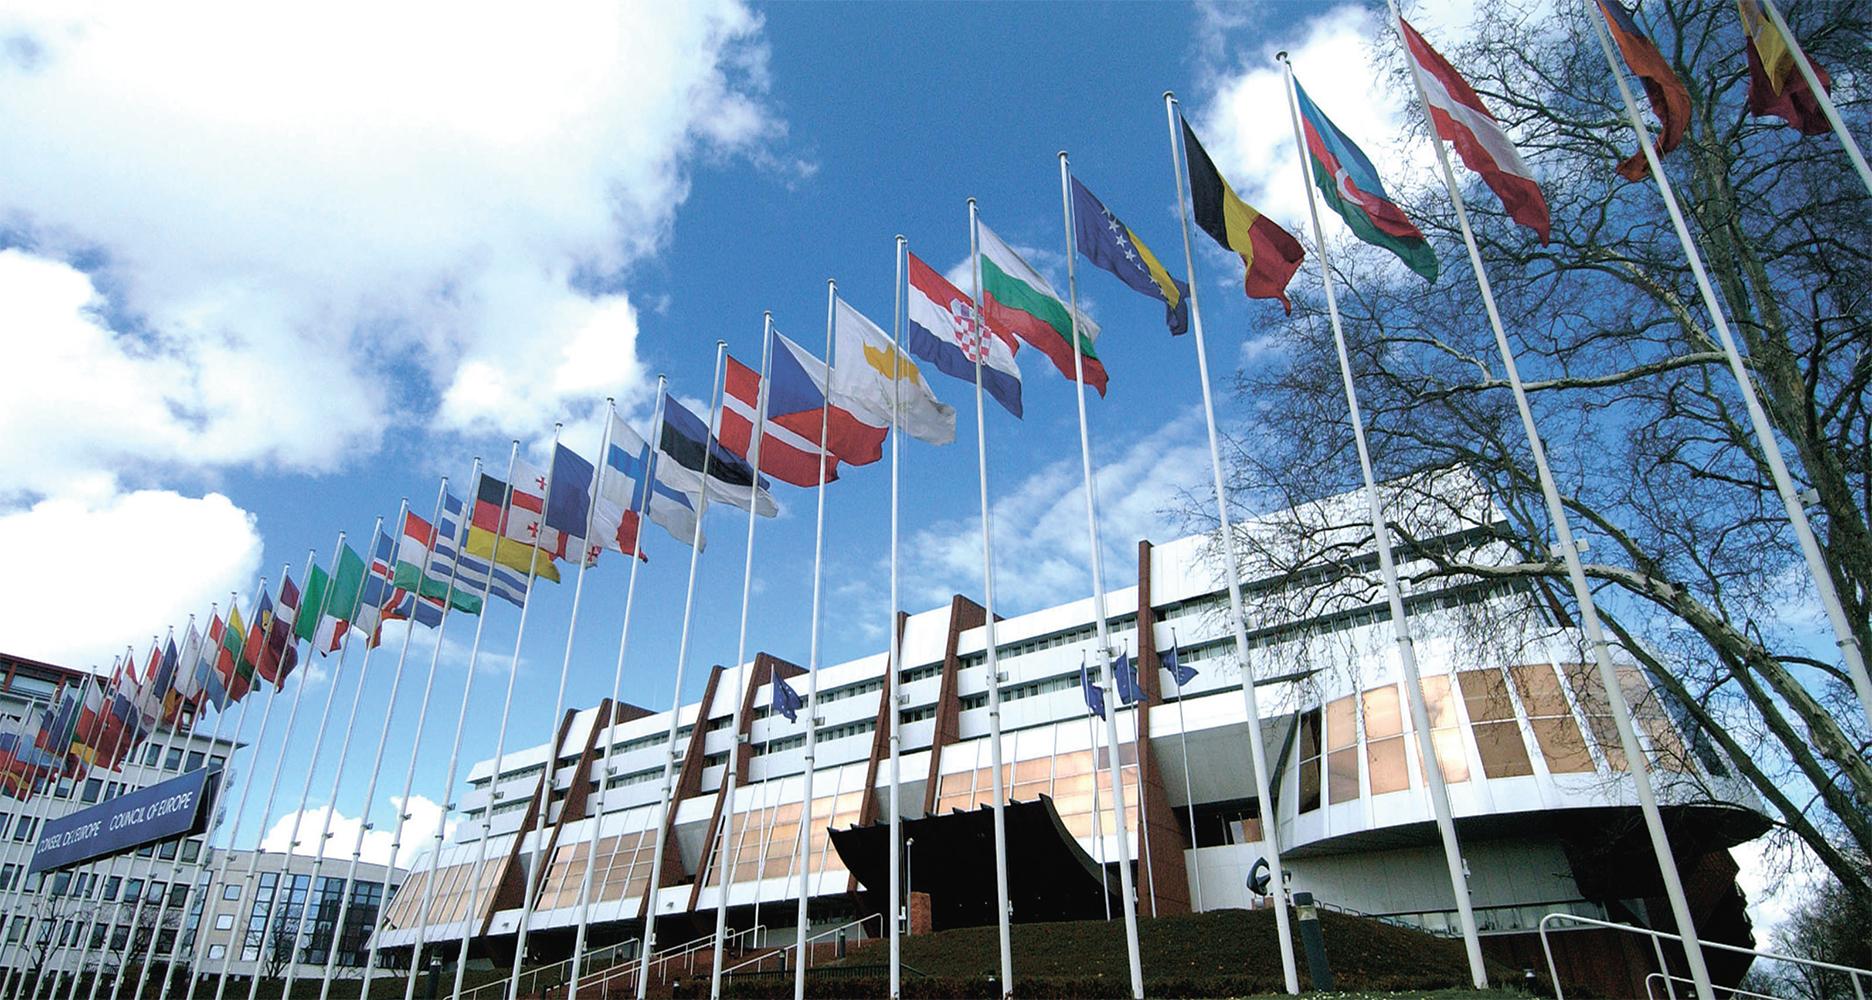 Члены совета европы 7 фотография